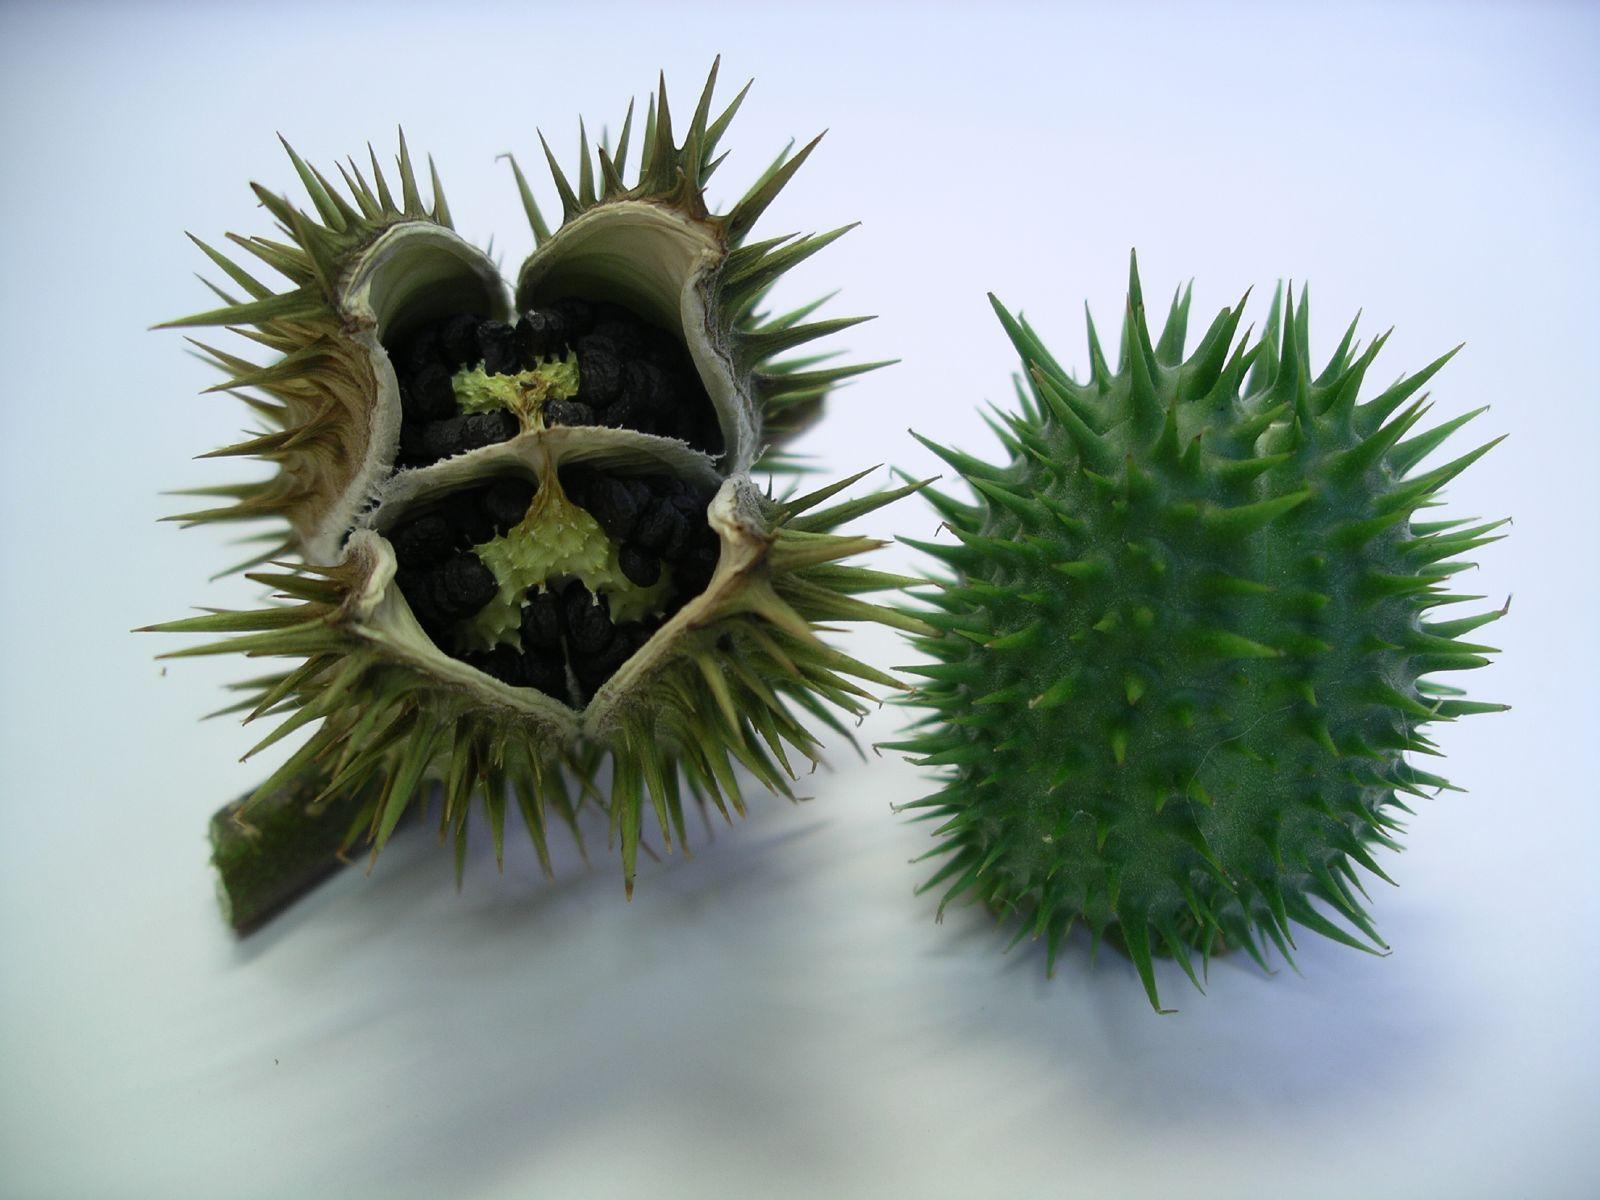 В Скадовске 5 приезжих малолеток отравились семенами дурмана.